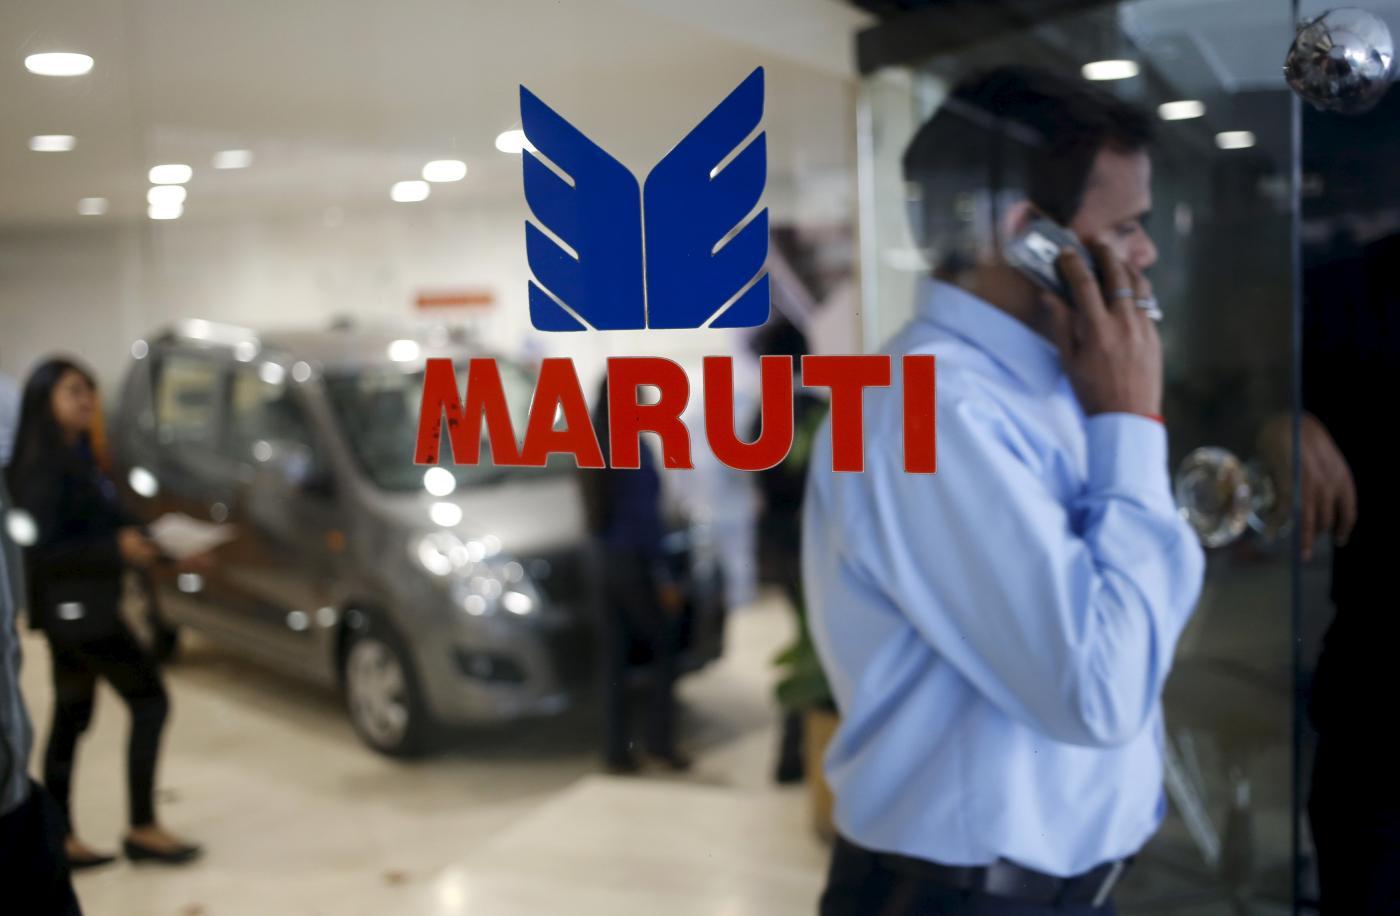 Foto de Maruti usado, Honda em alta demanda em Quikr em meio à Covid-19 – Quartz India